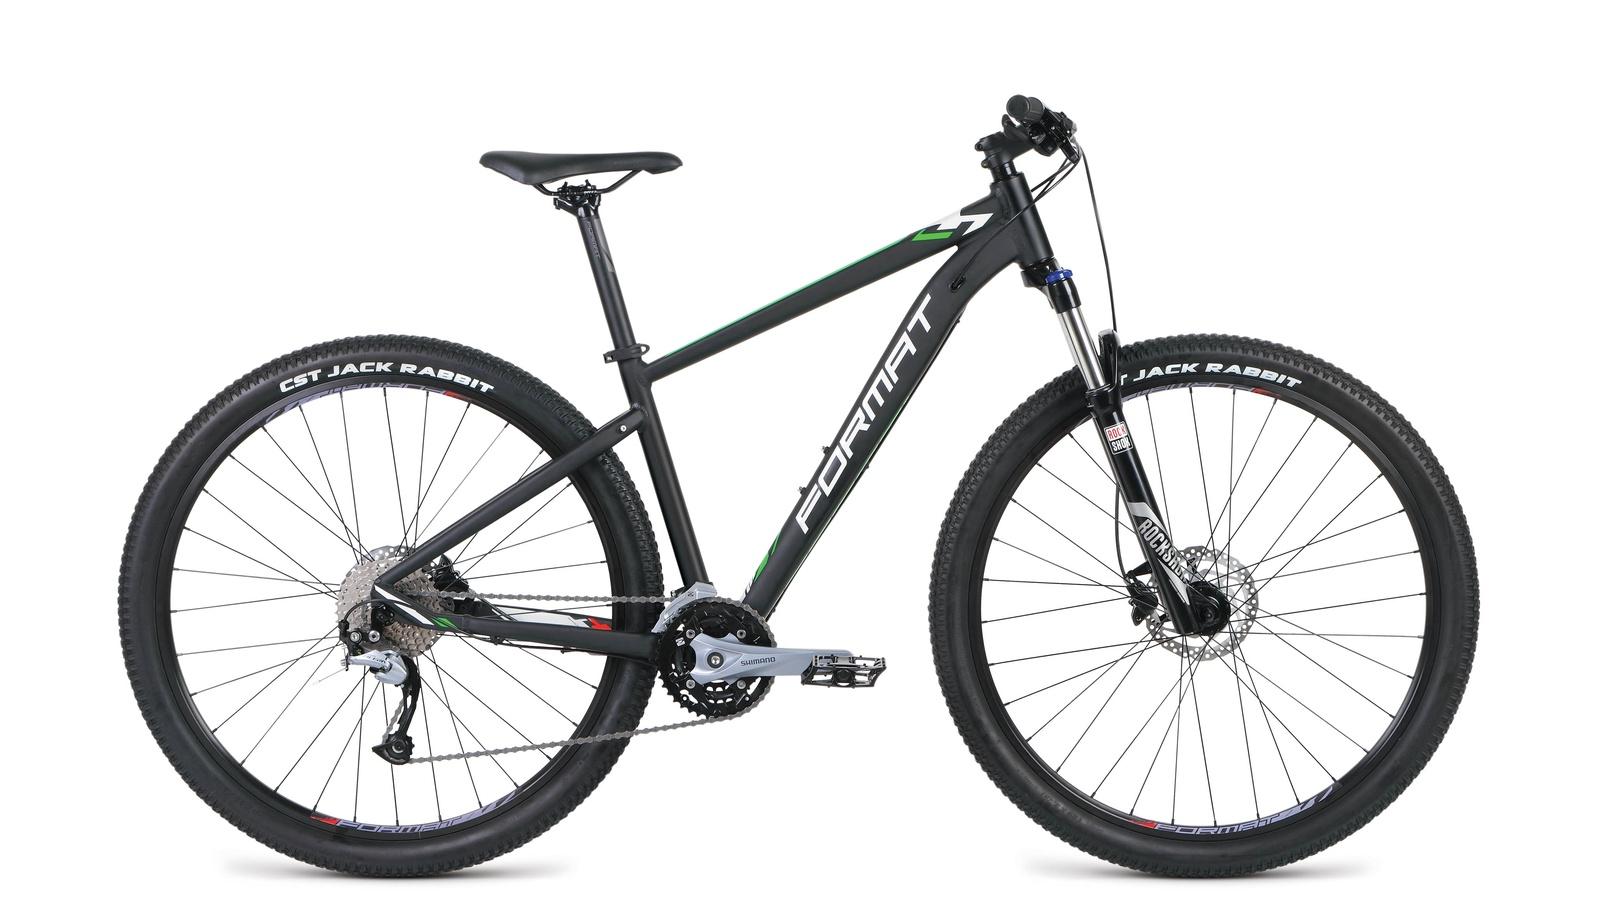 цена на Велосипед Format 1411 29, черный